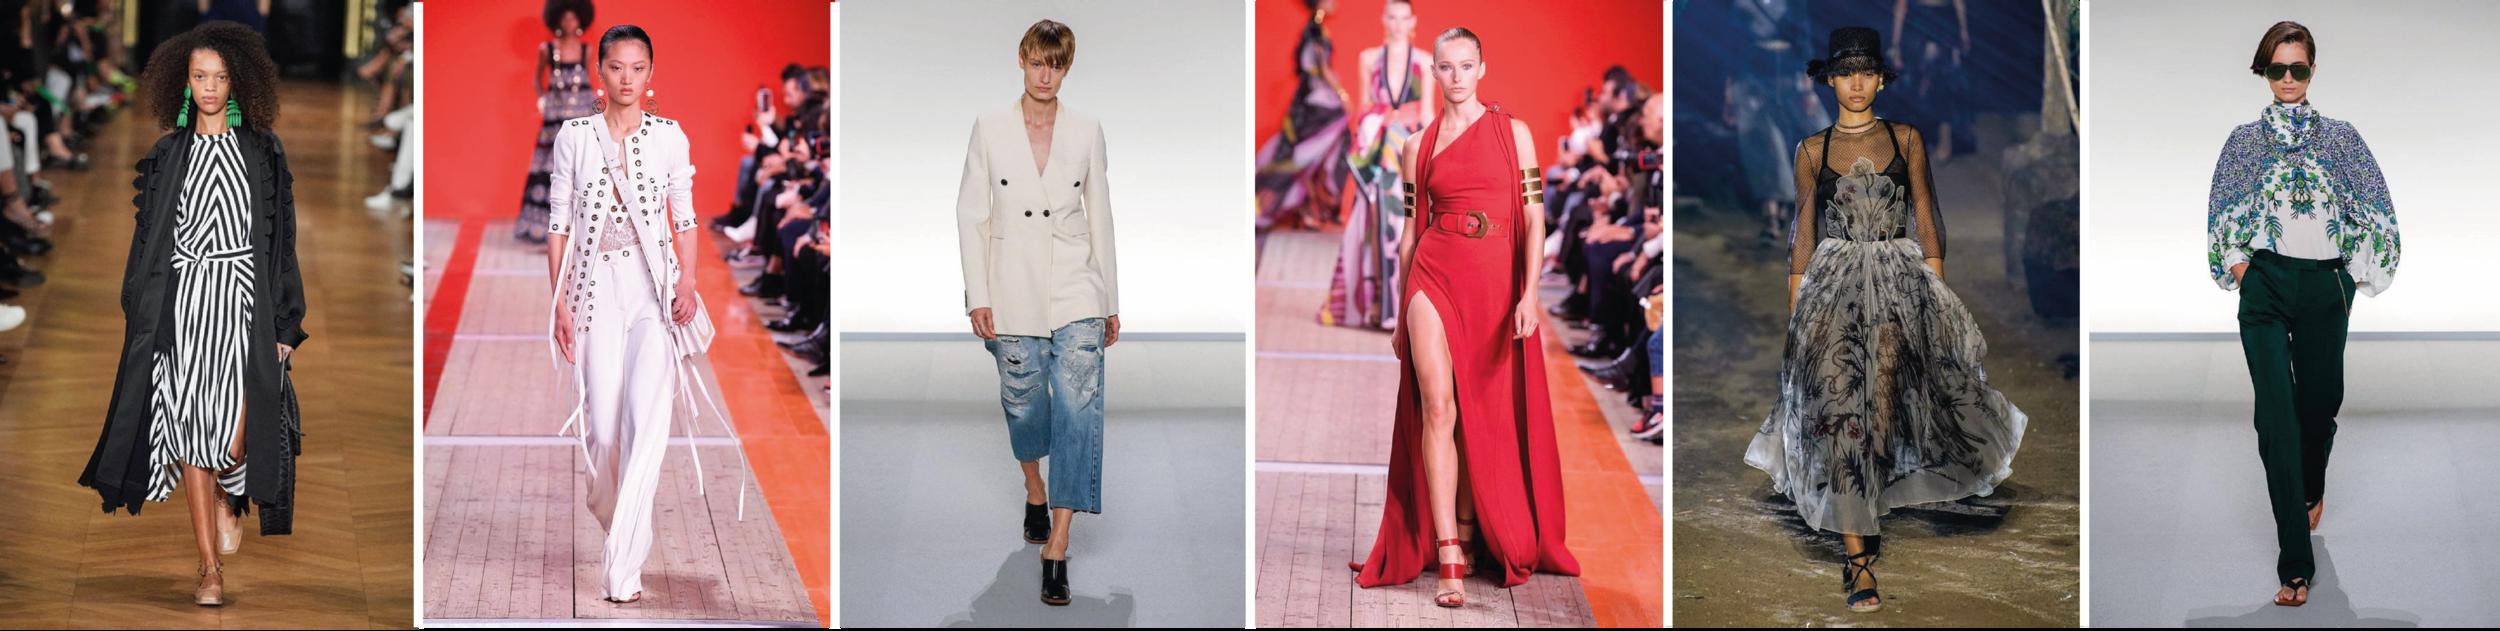 Tenues présentées lors des défilées de Elie-Saab, Christian Dior, Givenchy et Stella McCartney.